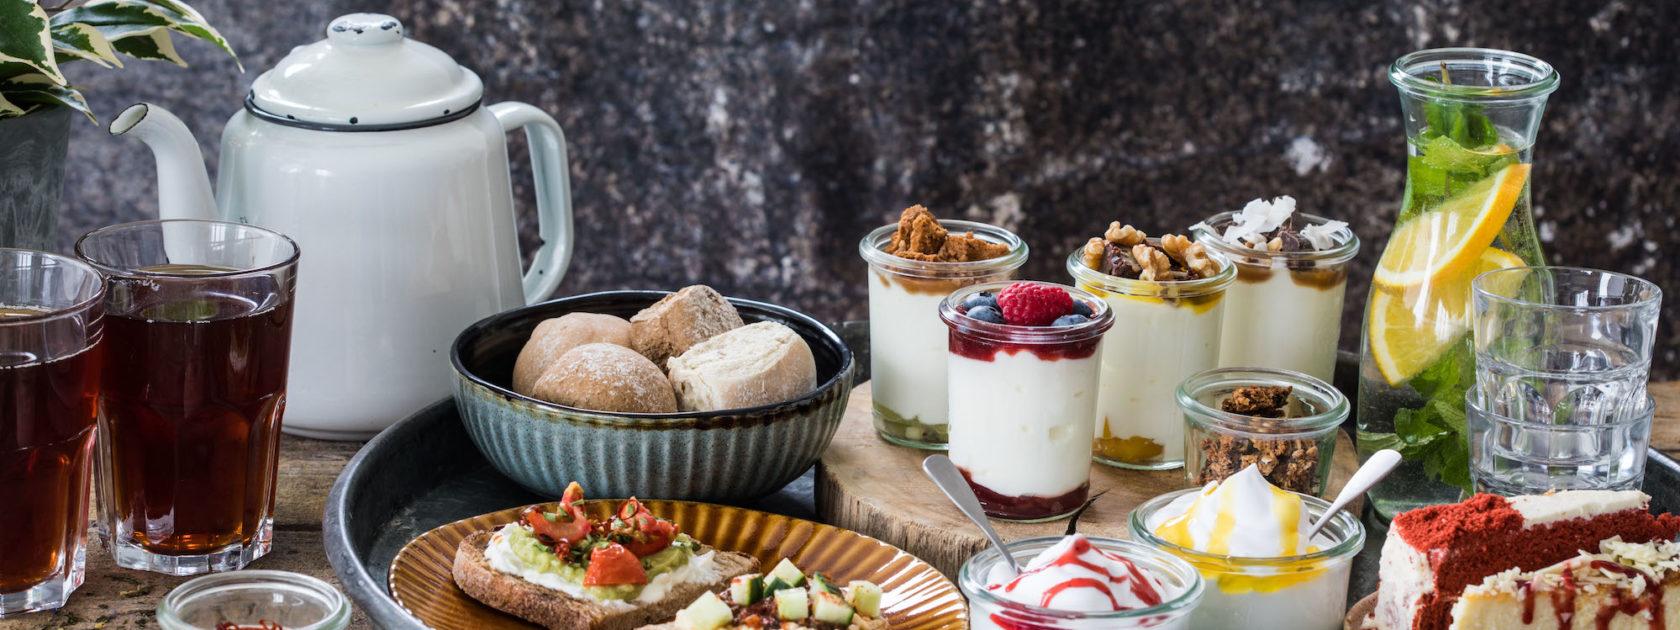 Heb jij de high tea bij Yoghurt Barn al geprobeerd? Hier krijg je niet alleen liters thee, maar ook hun lekkerste specials.